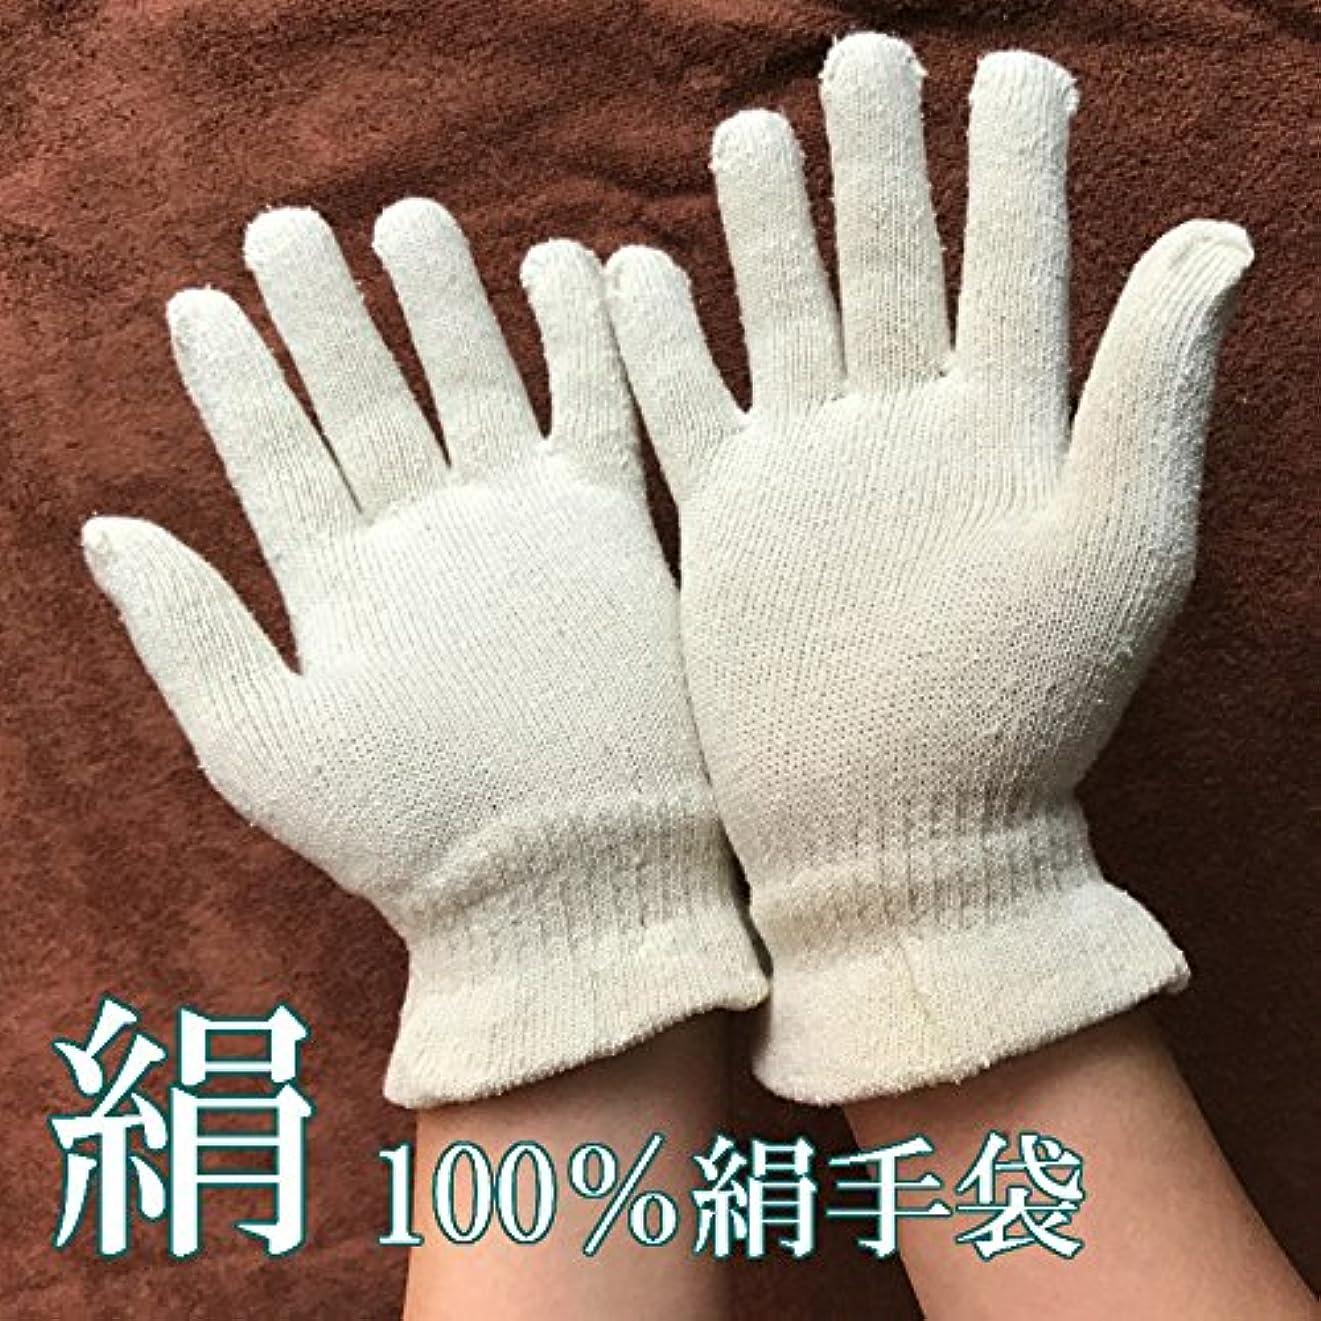 が欲しいタンク感心する絹手袋 シルク手袋 ガルシャナ アーユルヴェーダ